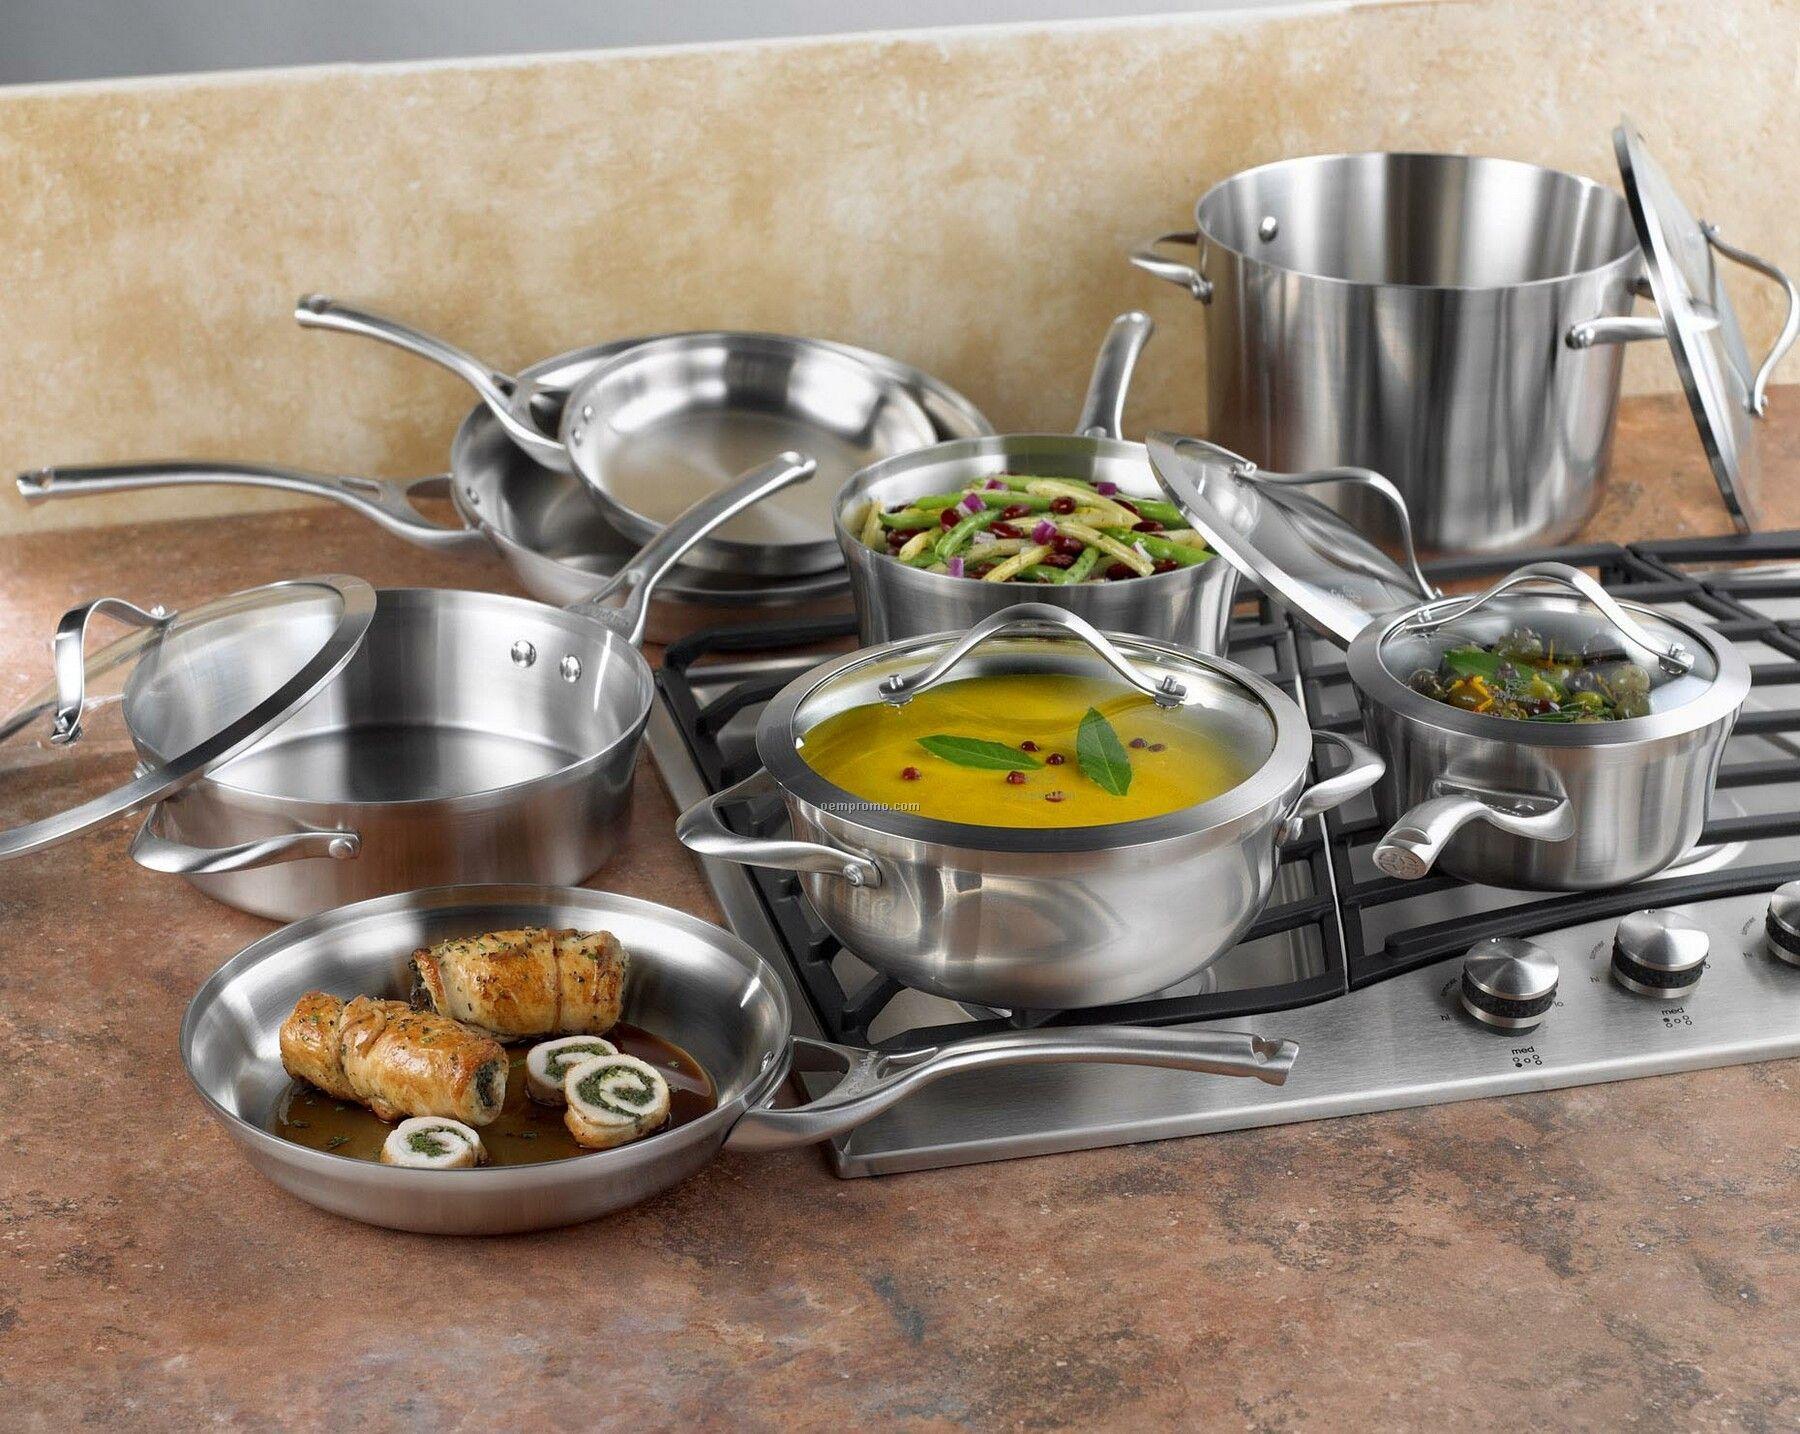 calphalon 13 piece stainless steel cookware set